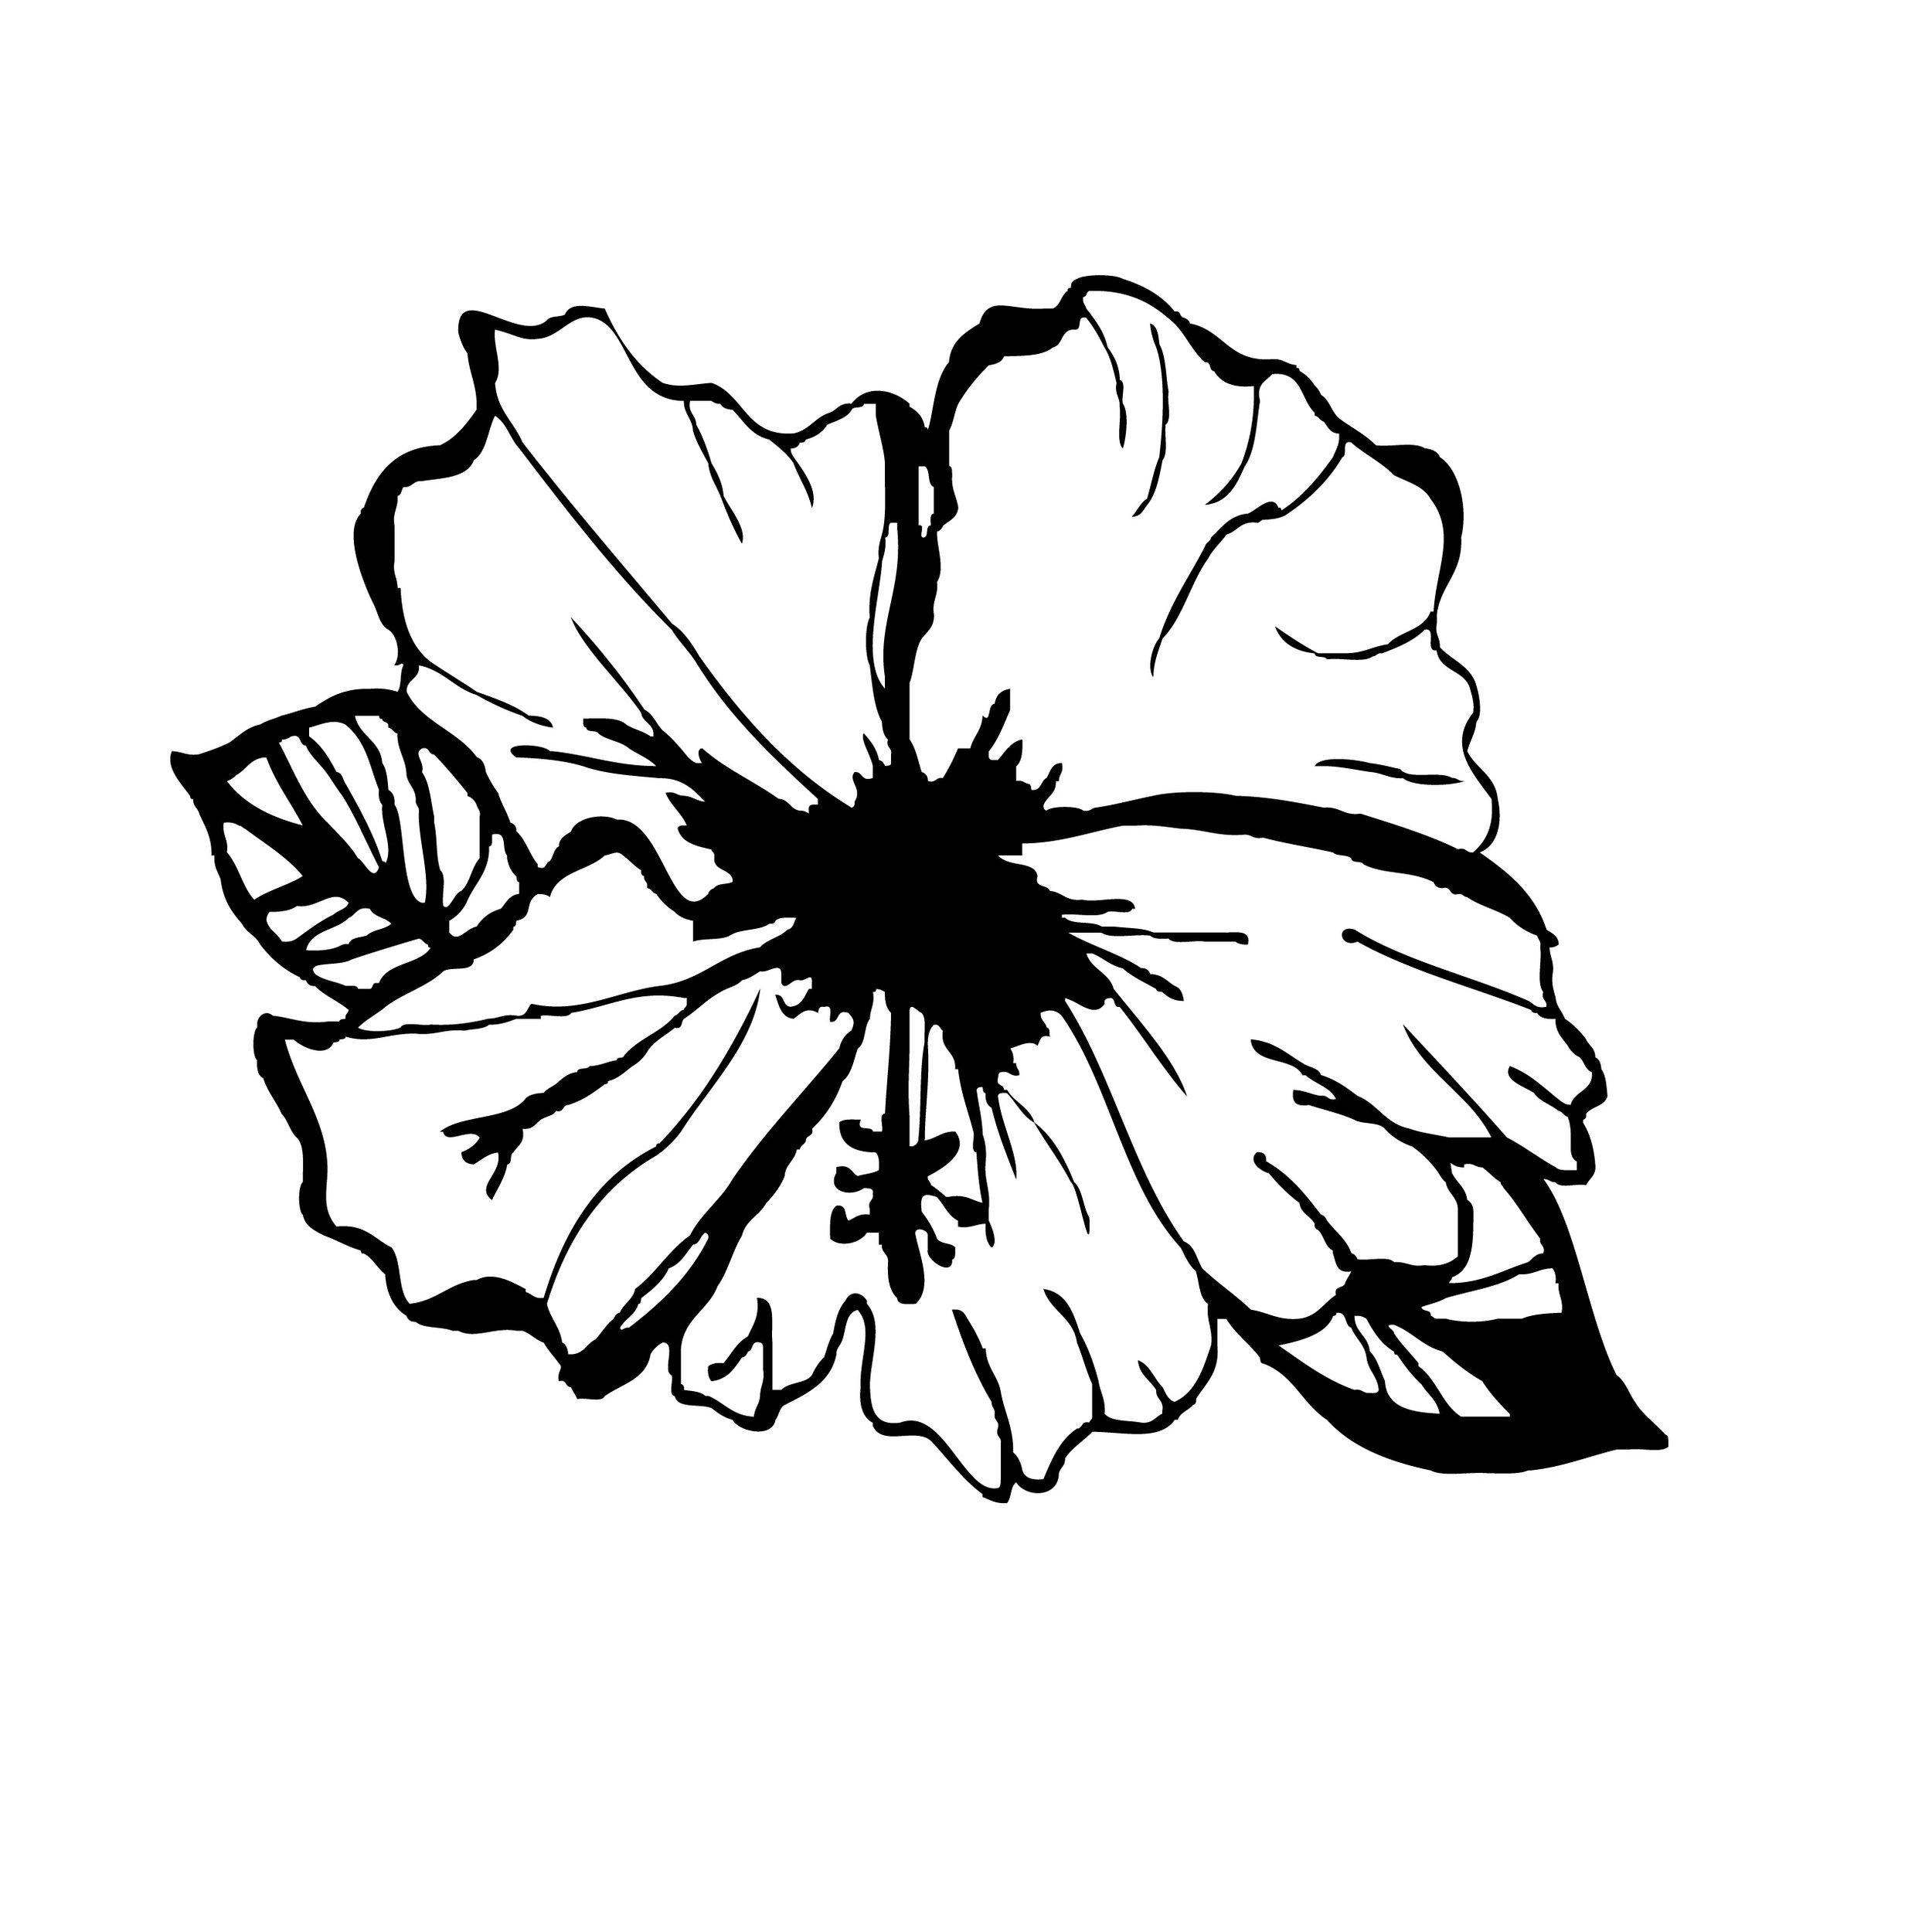 Flowers_1-02.jpg